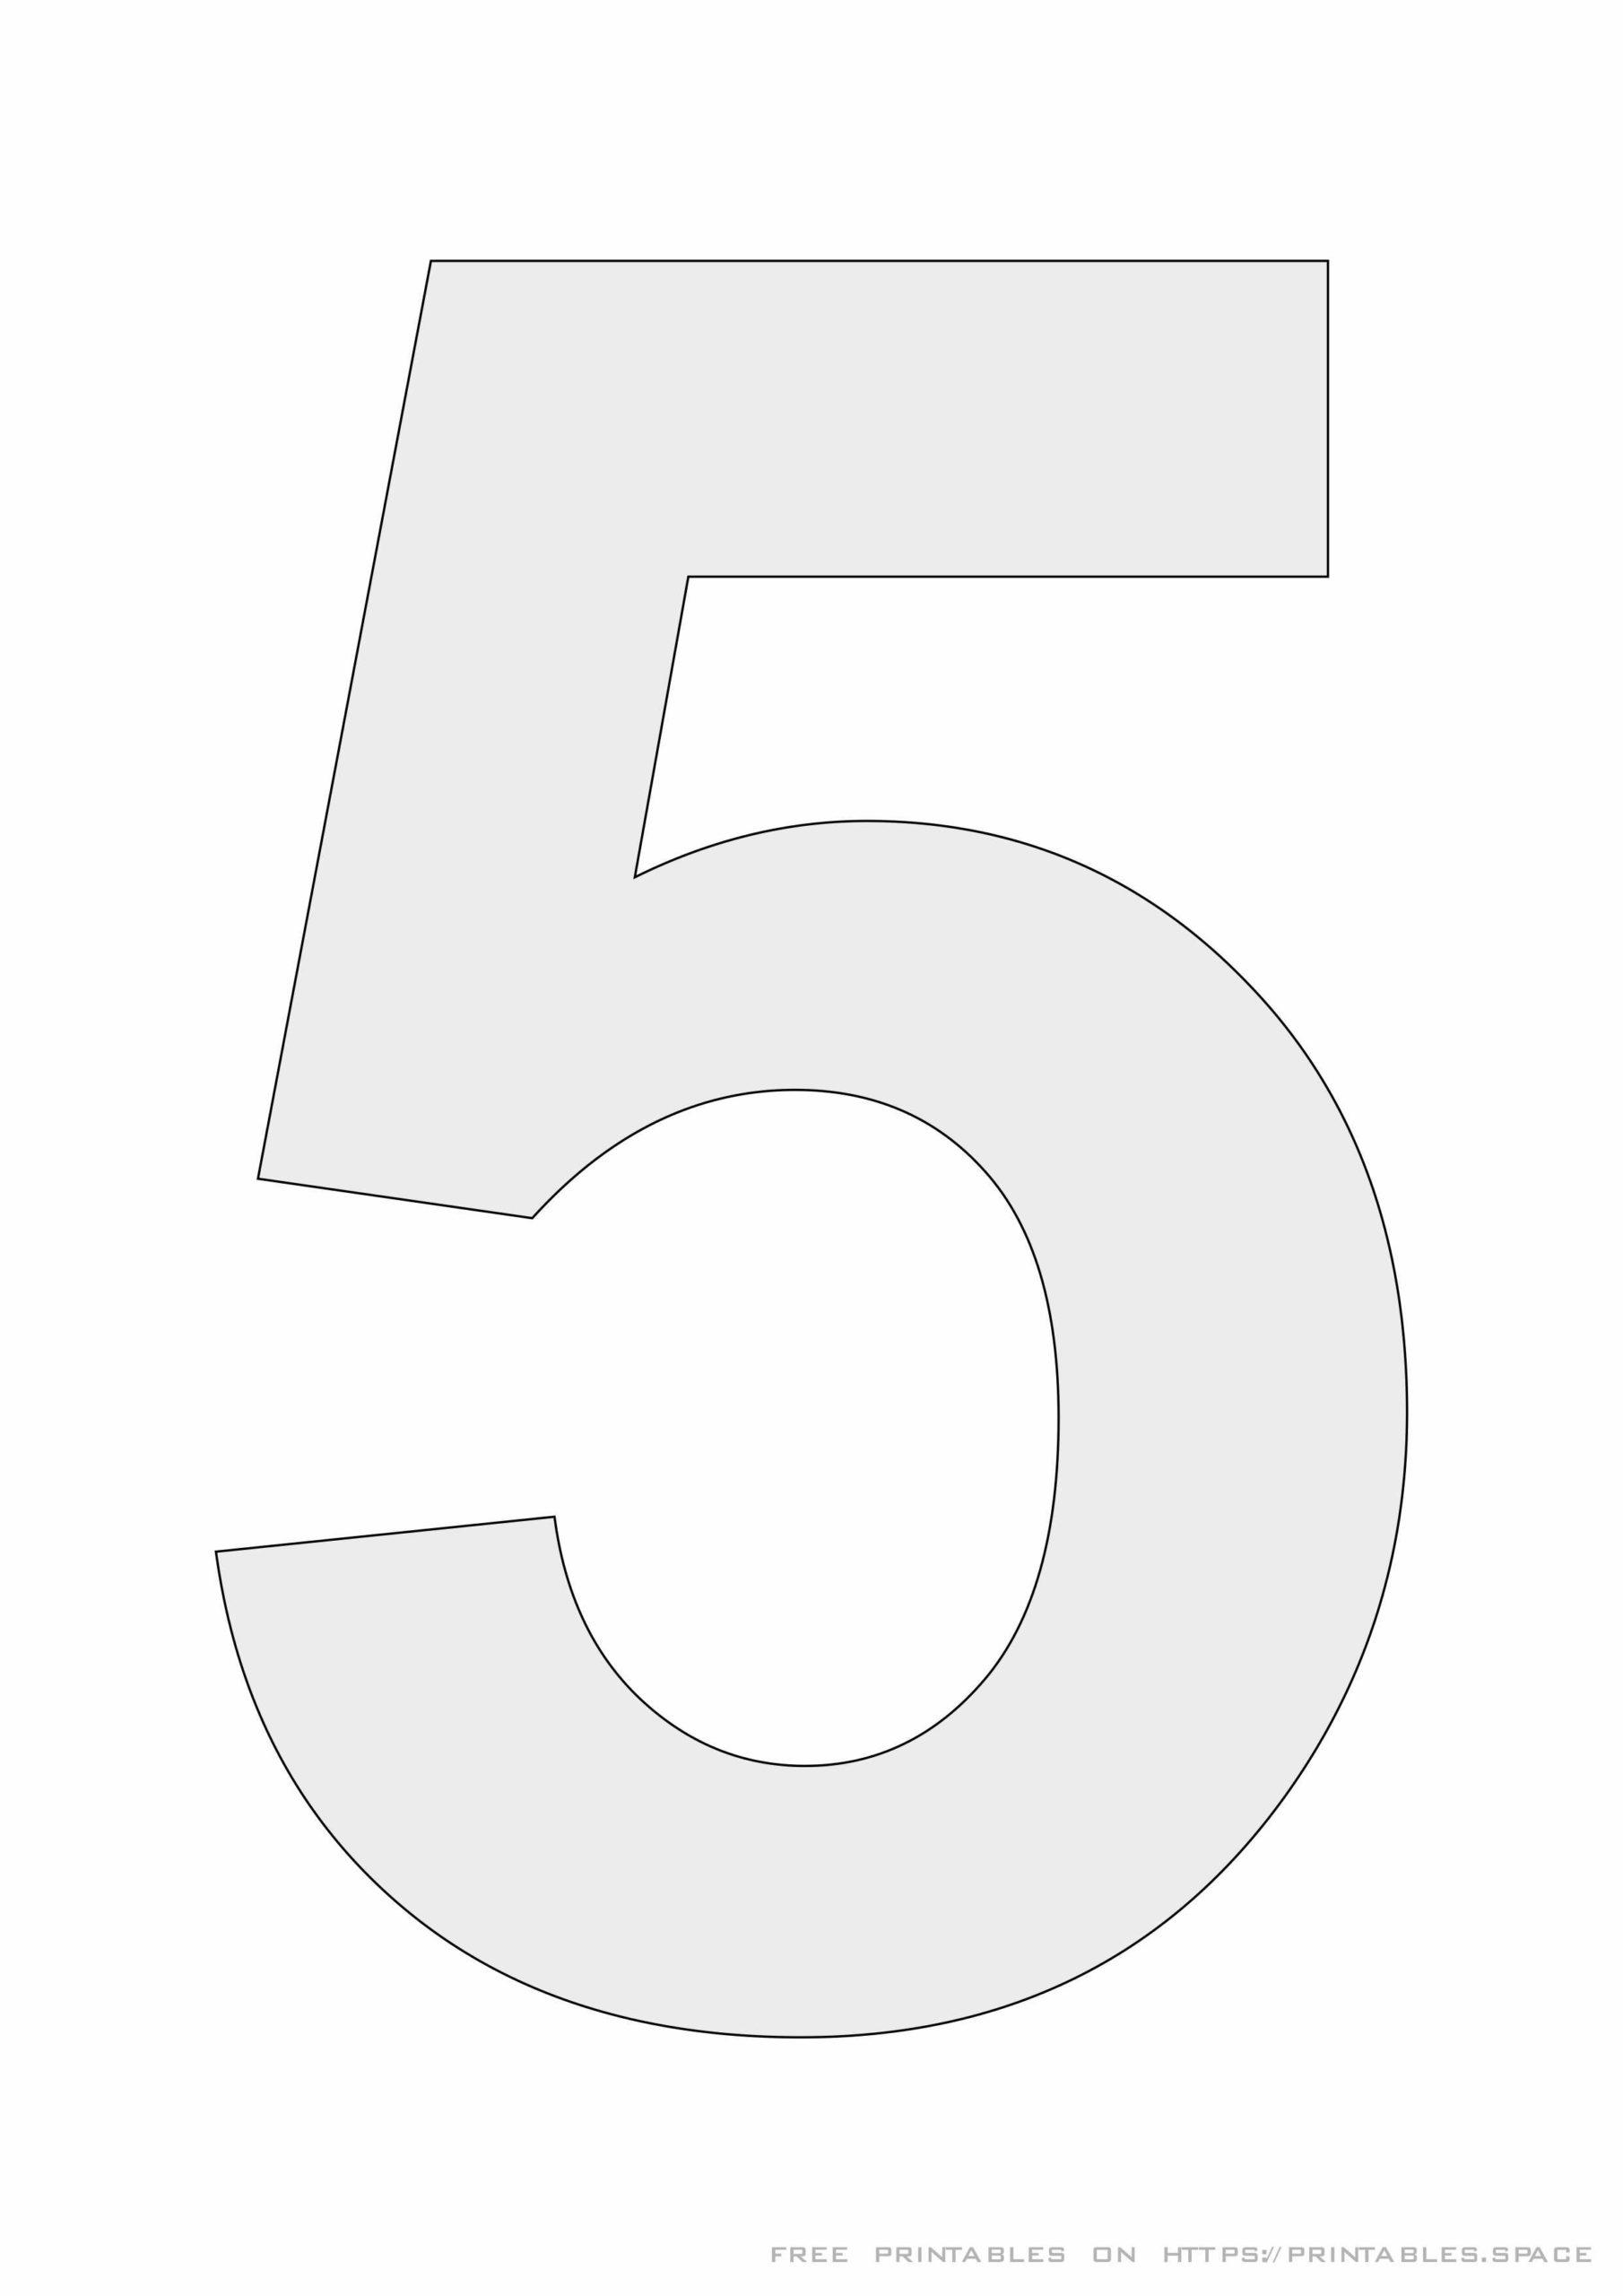 Printable Stencil Number 5 Free Printables